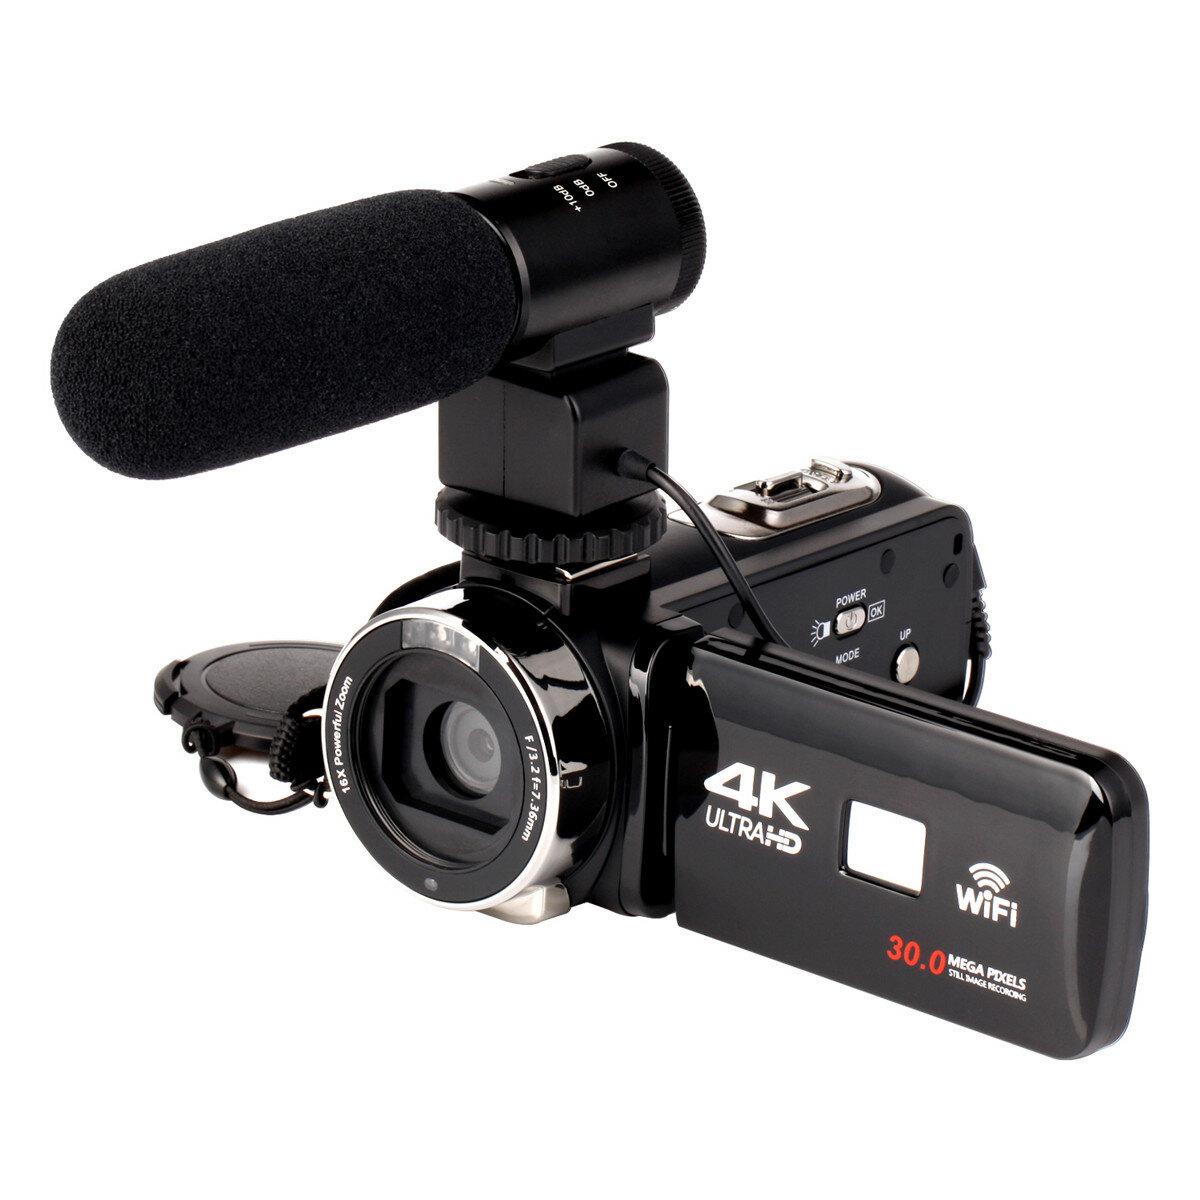 4K WiFi Ultra HD 1080P 16X ZOOM Video digitale fotografica Videocamera DV con lente e Microfono